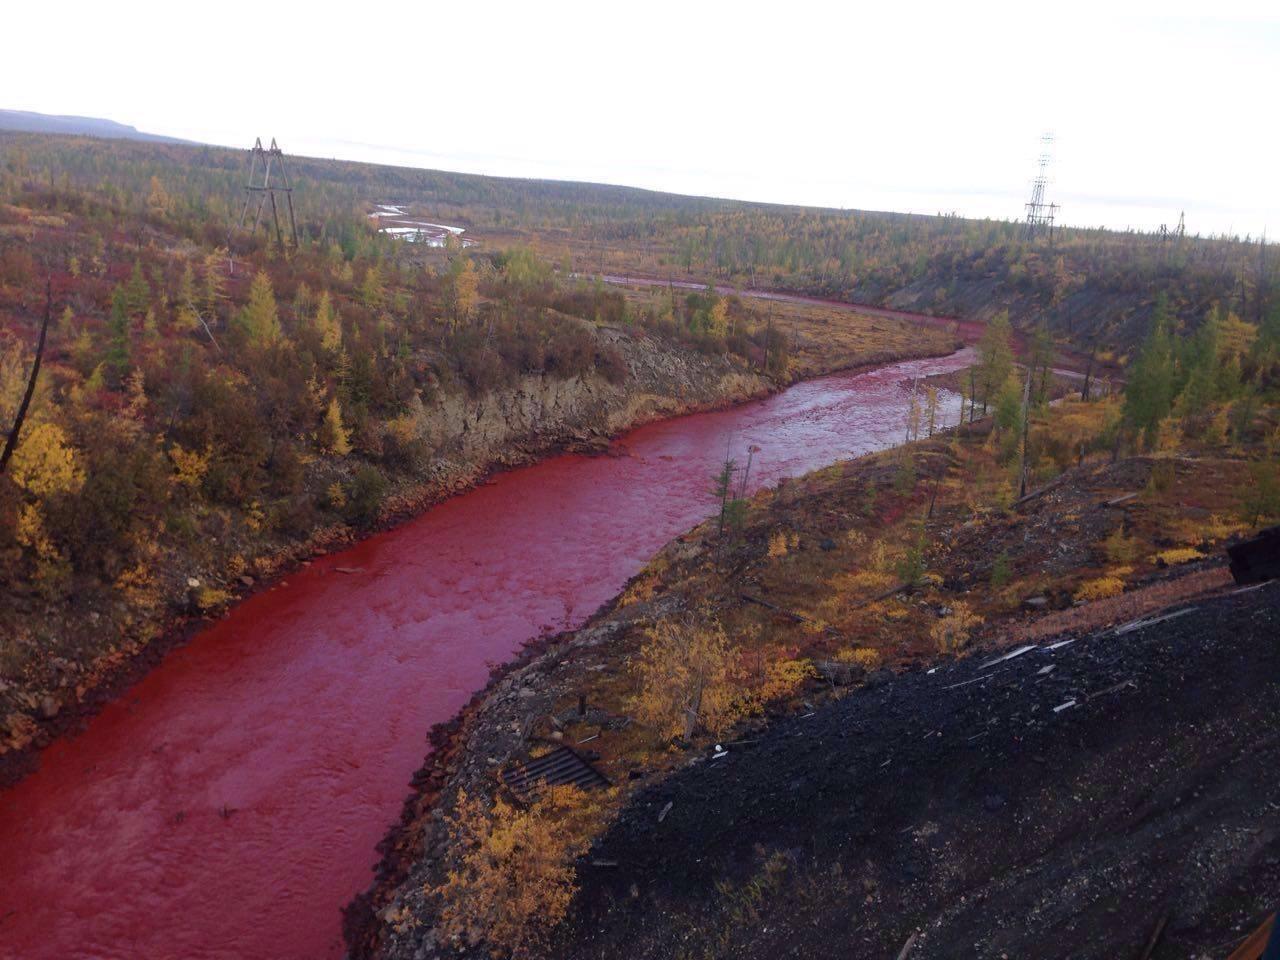 Vérvörössé vált egy szibériai folyó vize